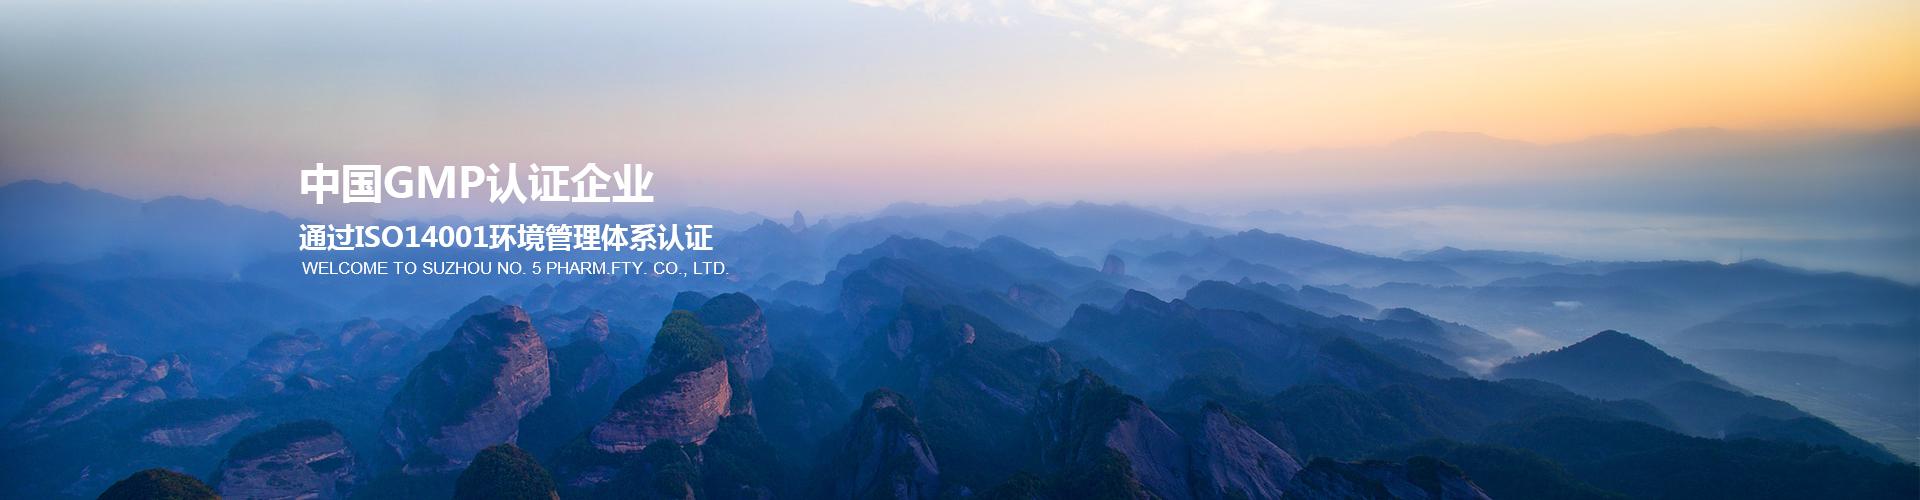 Changshu Great Wall Bearing Co., Ltd.